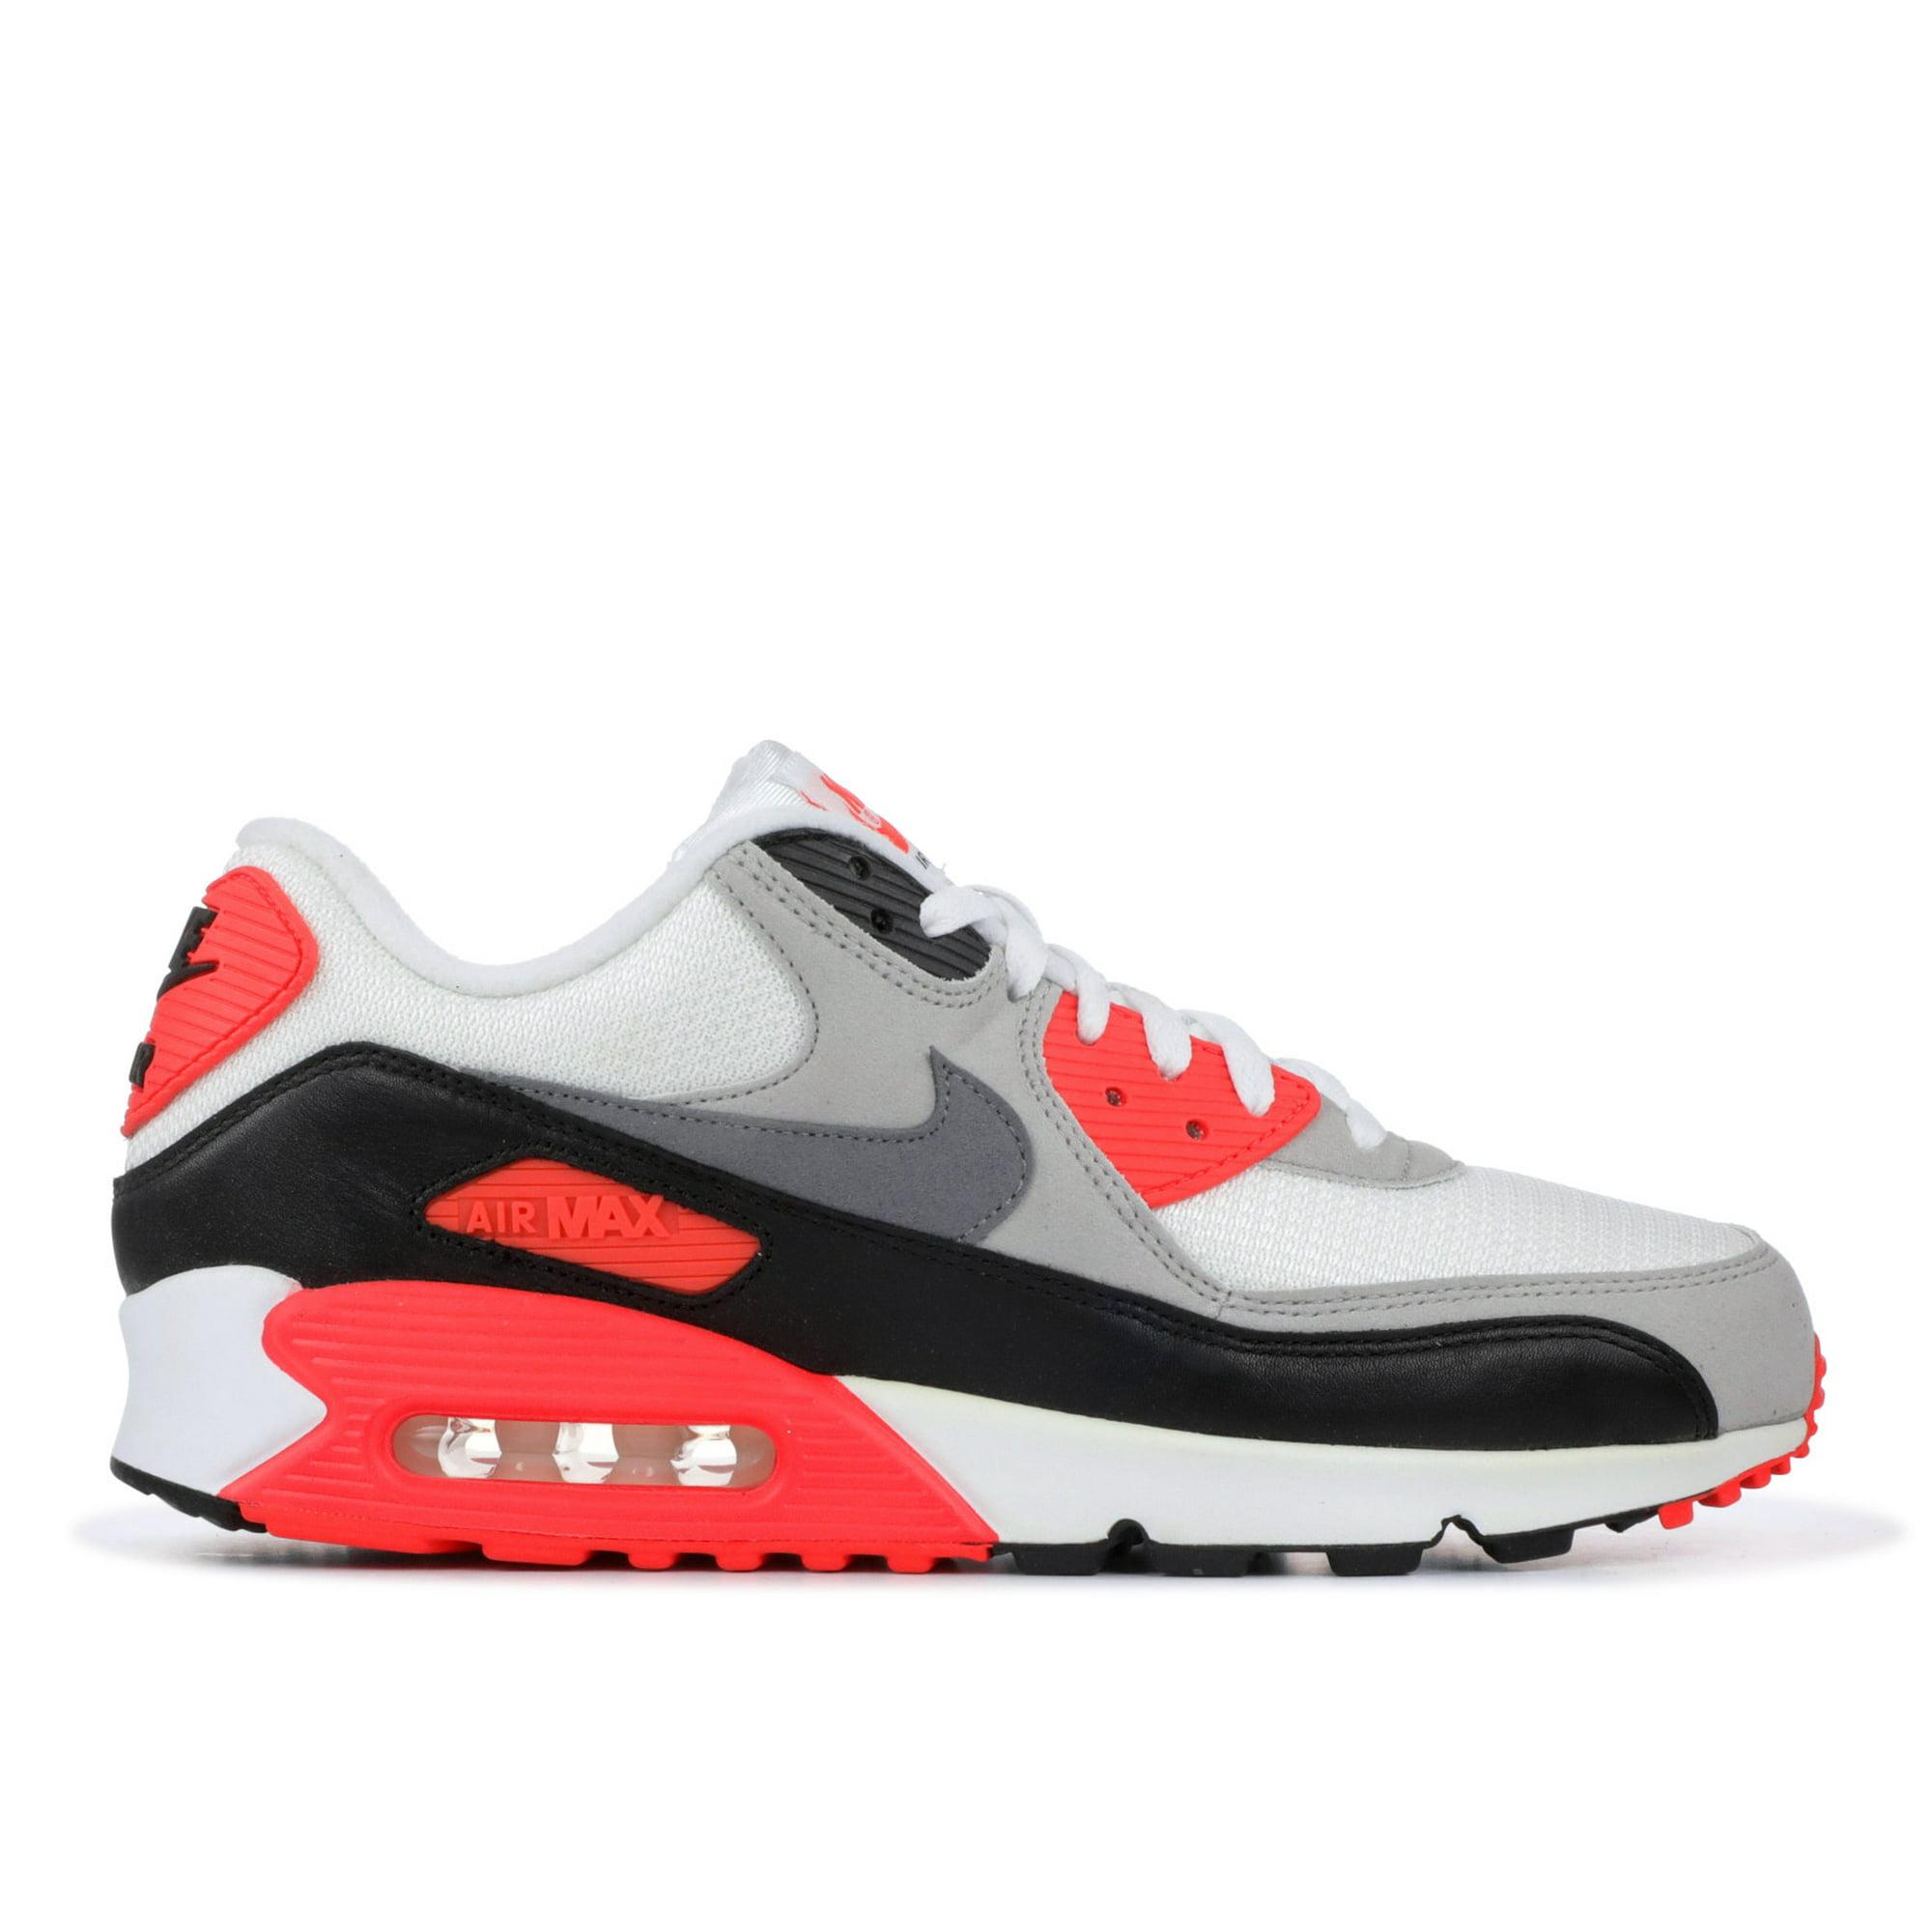 Nike - Men - Air Max 90 Og 'Infrared' - 725233-106 - Size 10